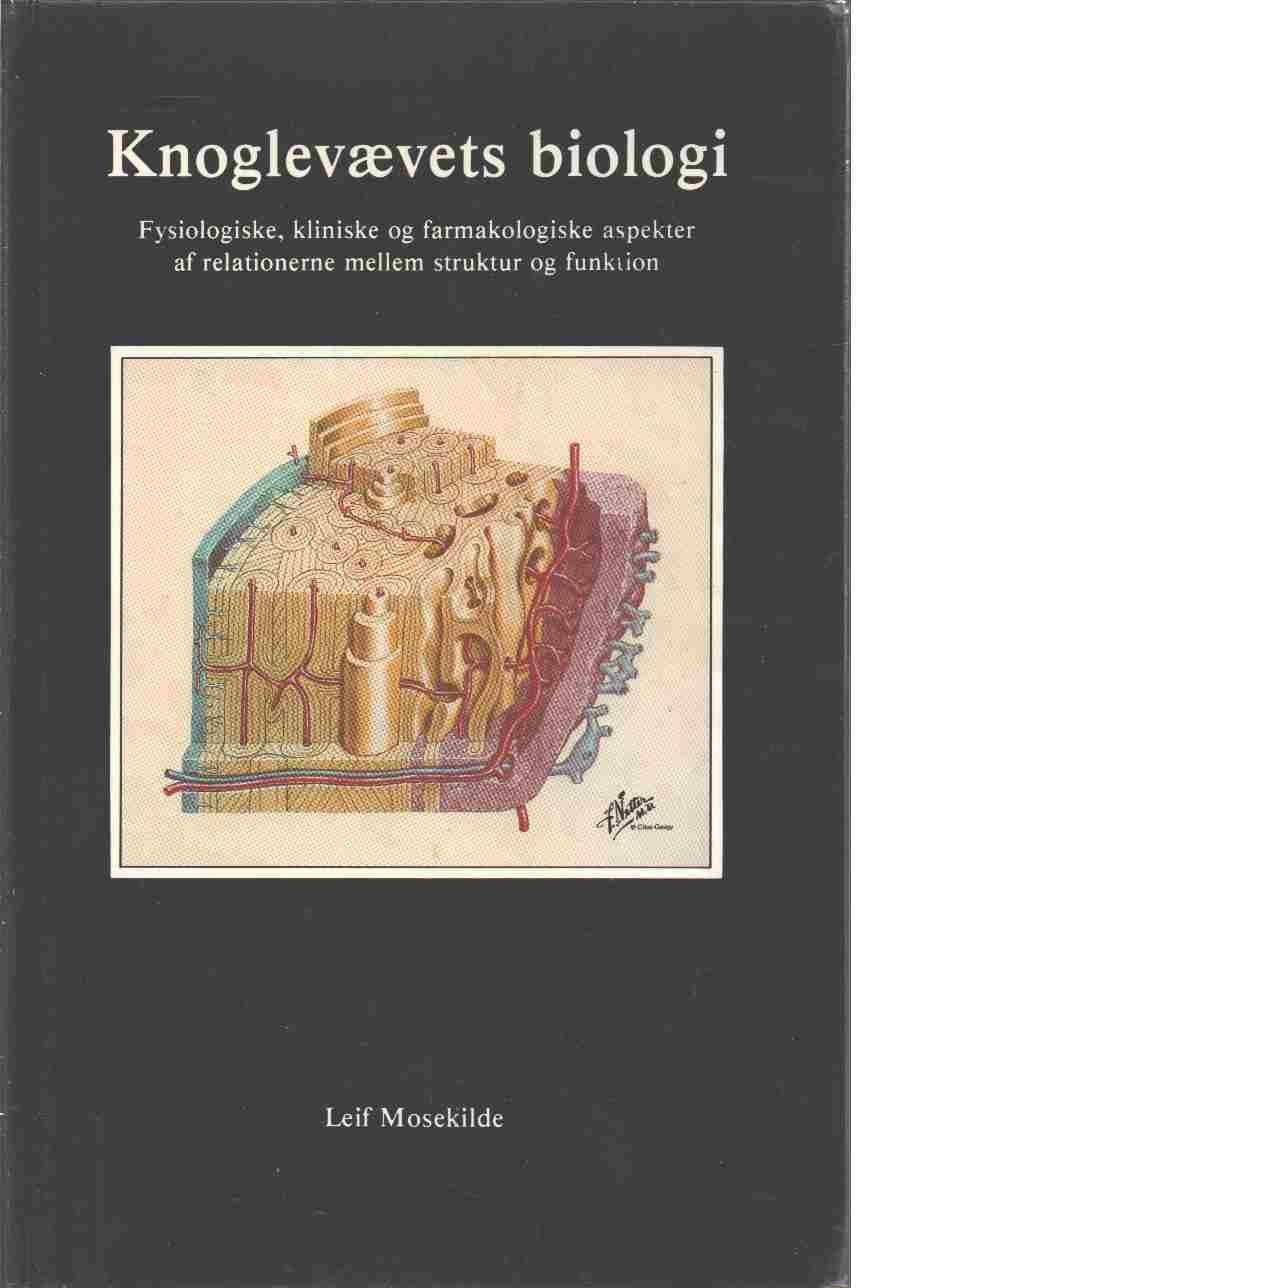 Knoglevaevets biologi - Mosekilde, Leif